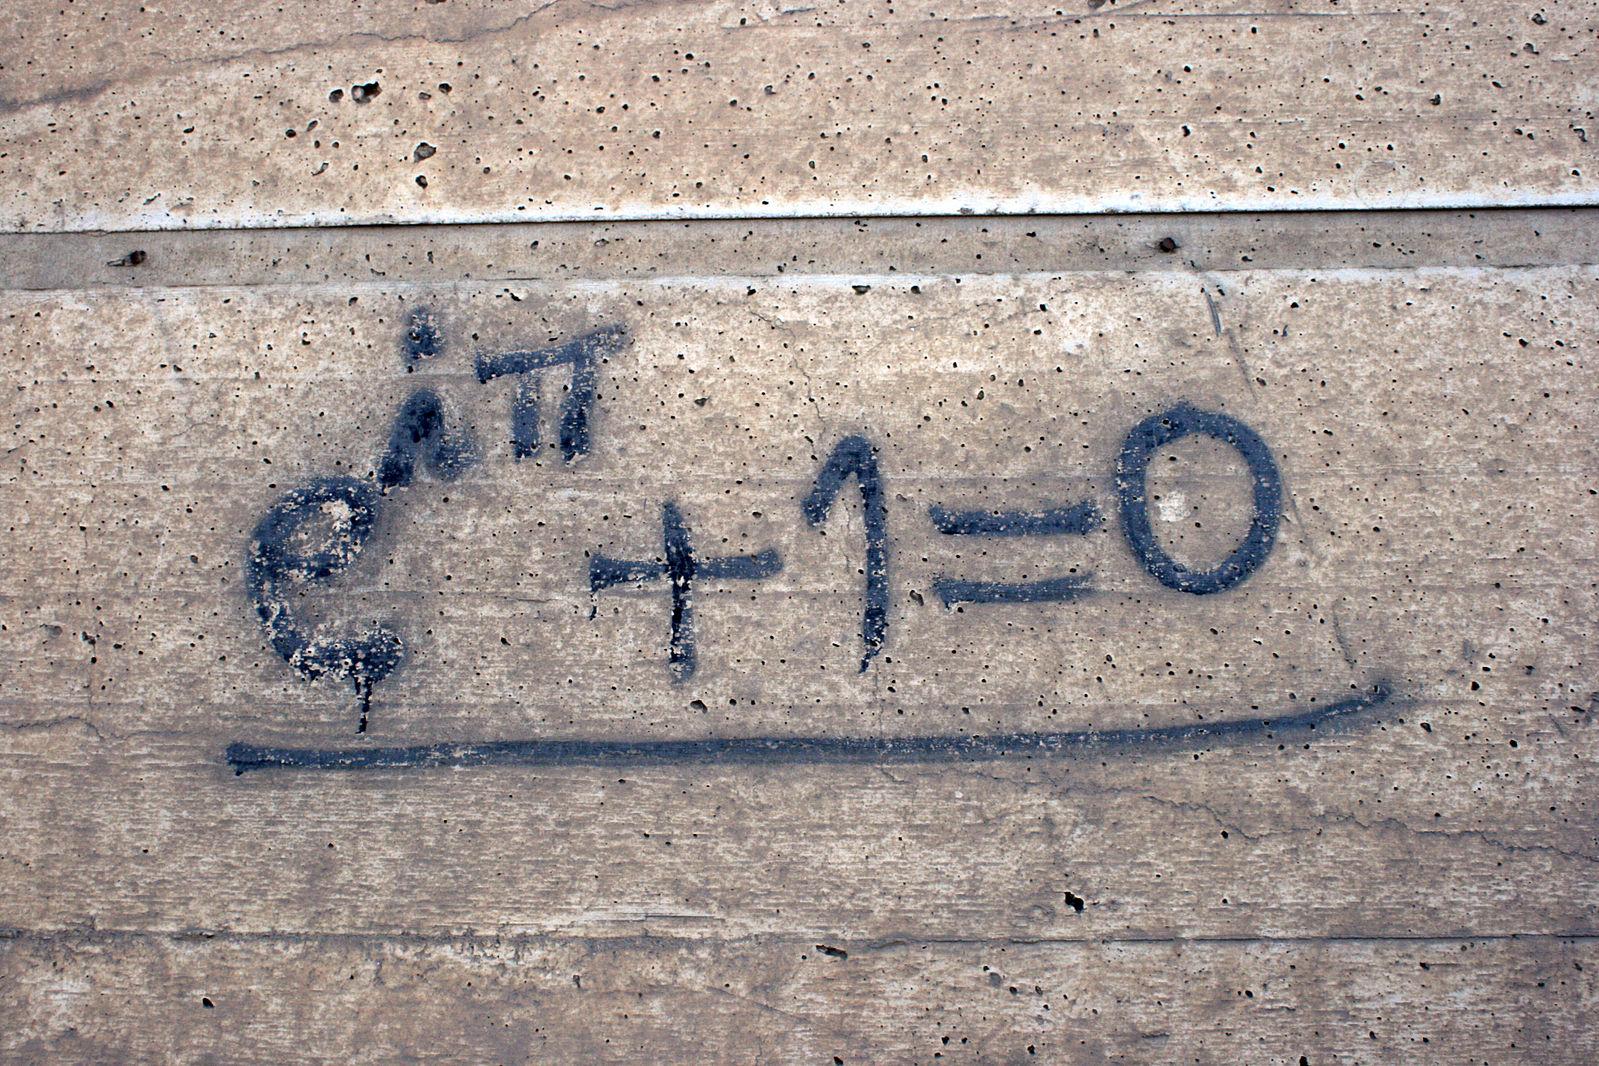 Eulersche Gleichung, als Graffiti auf eine Wand gesprüht